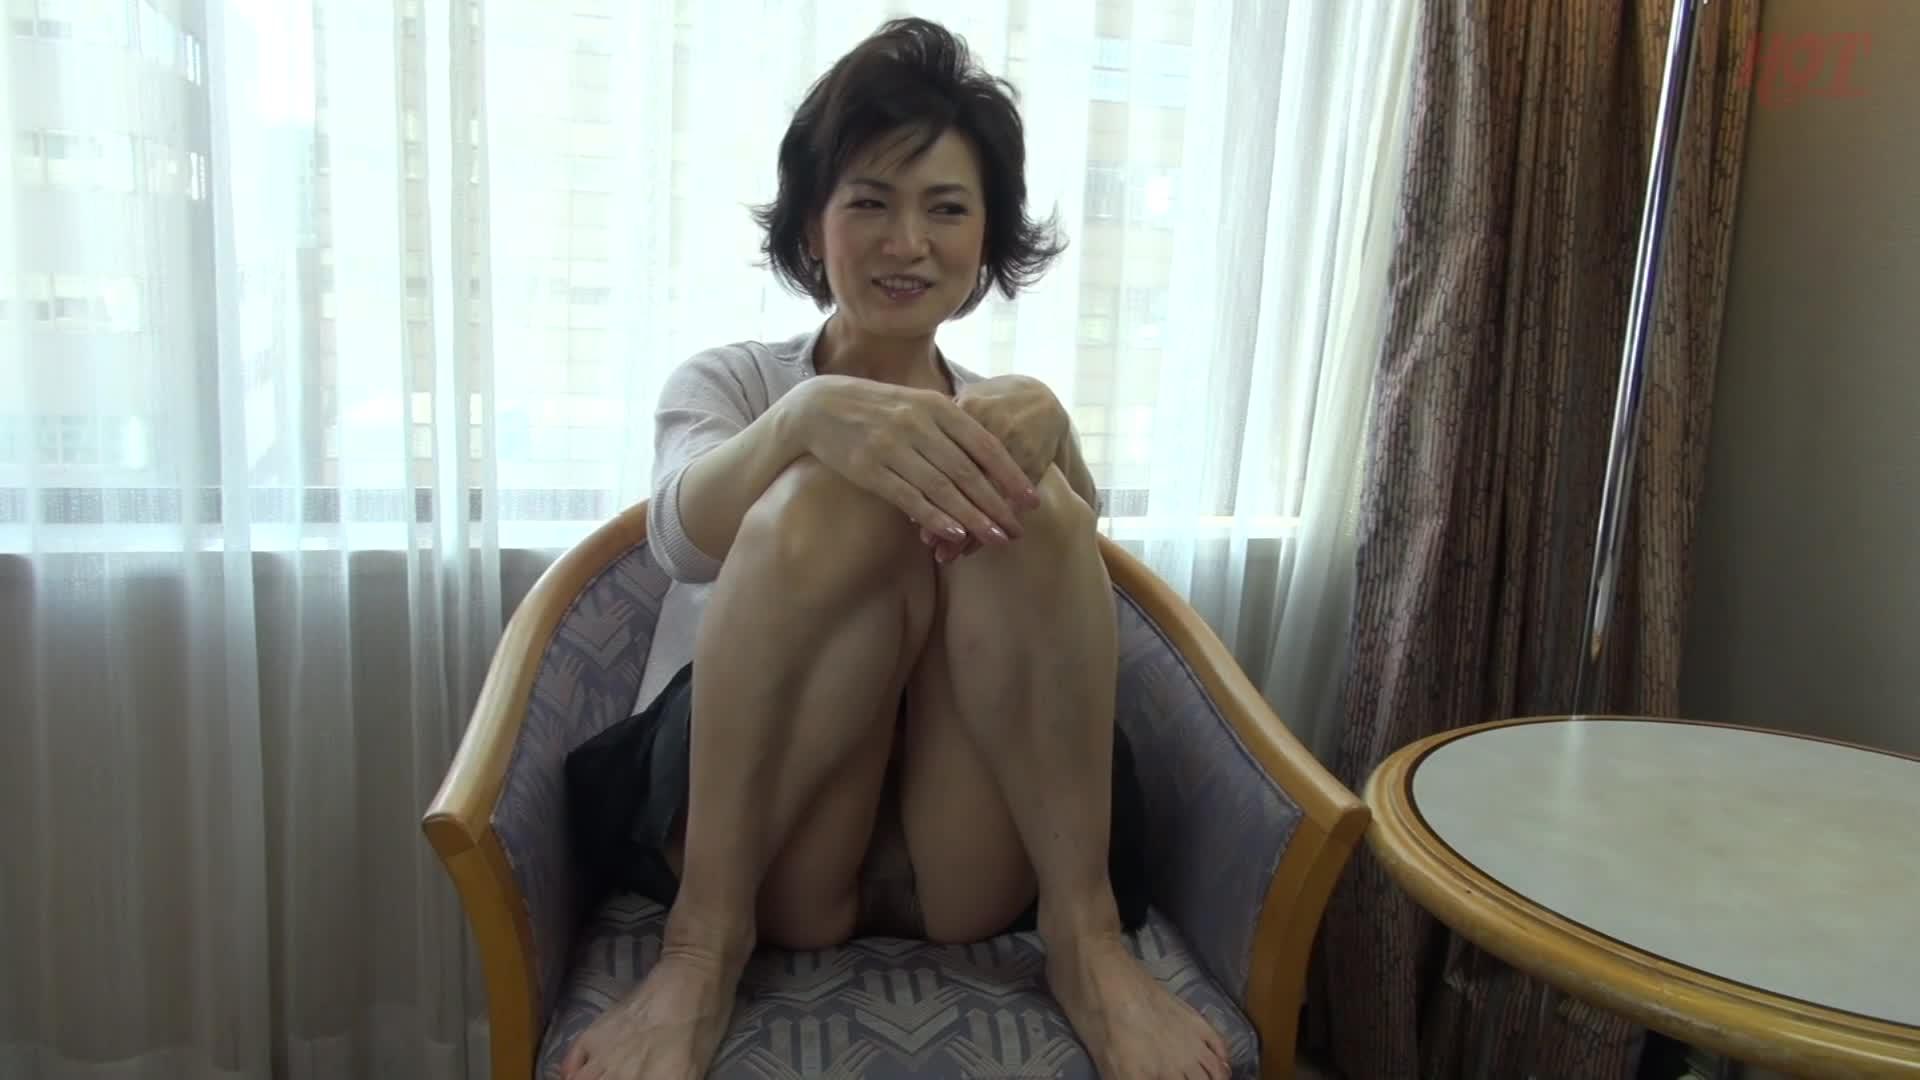 Hot Videos 人気動画-動画